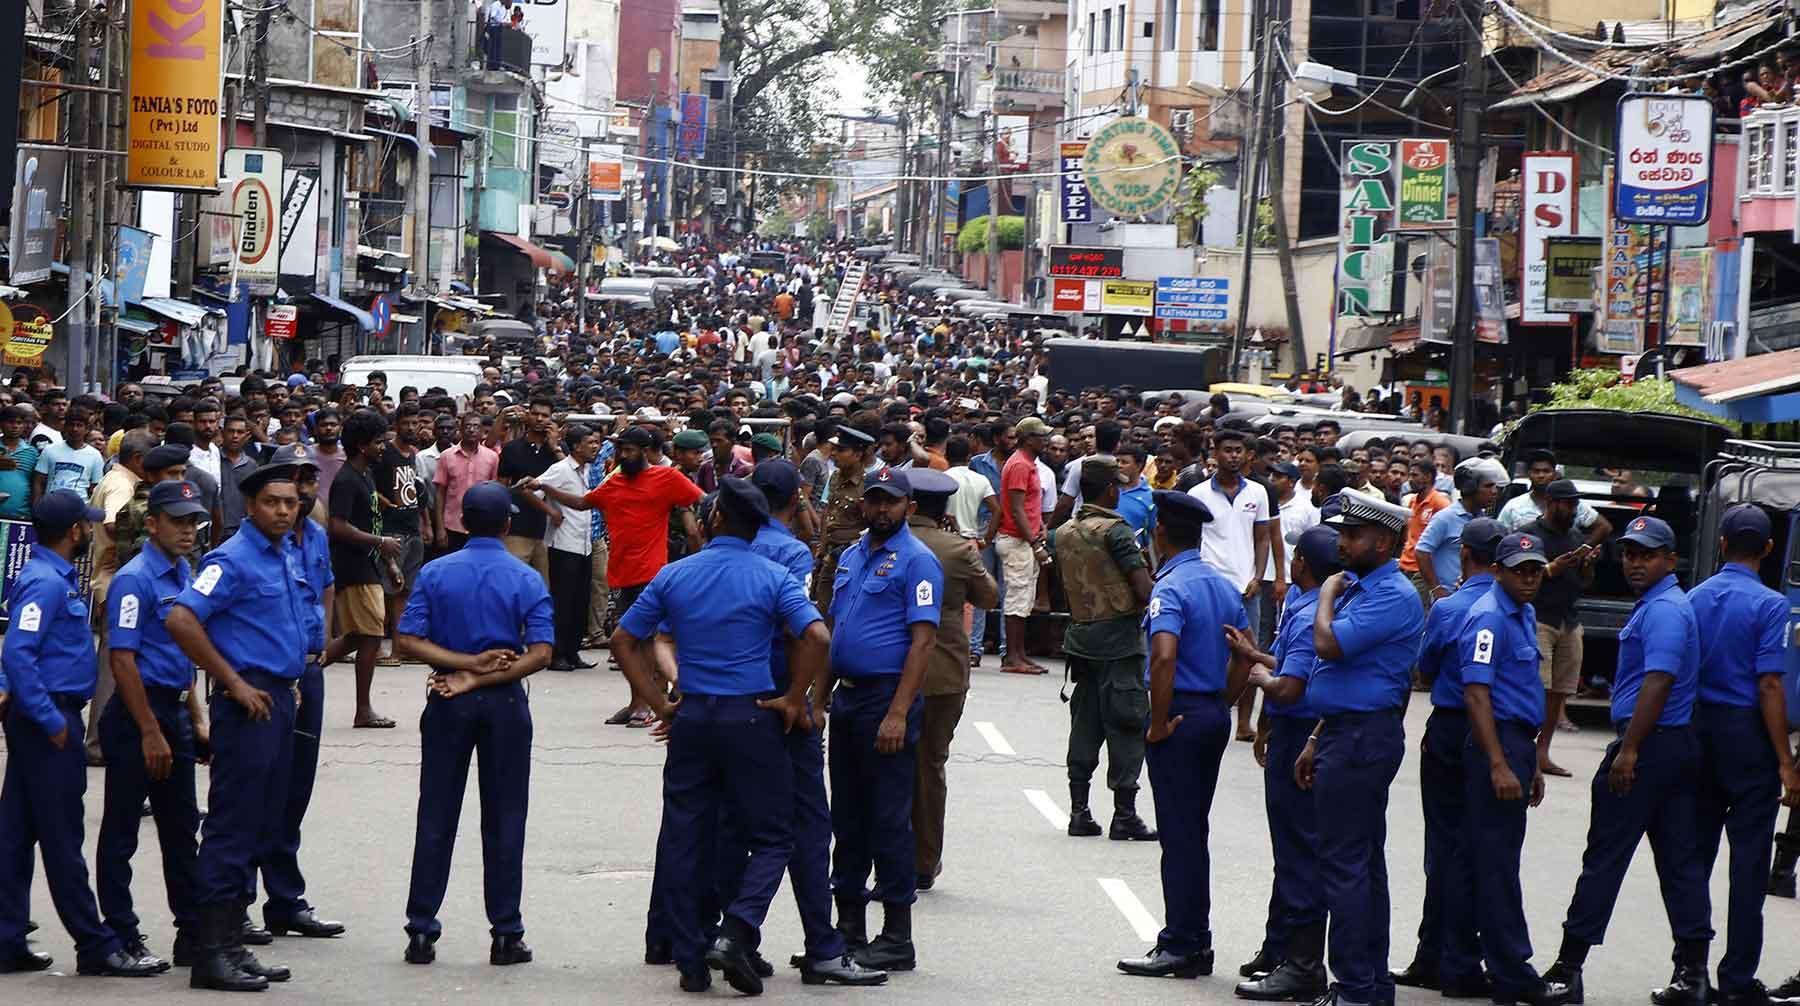 На Шри-Ланке после терактов ввели запрет на ношение закрывающей лицо одежды